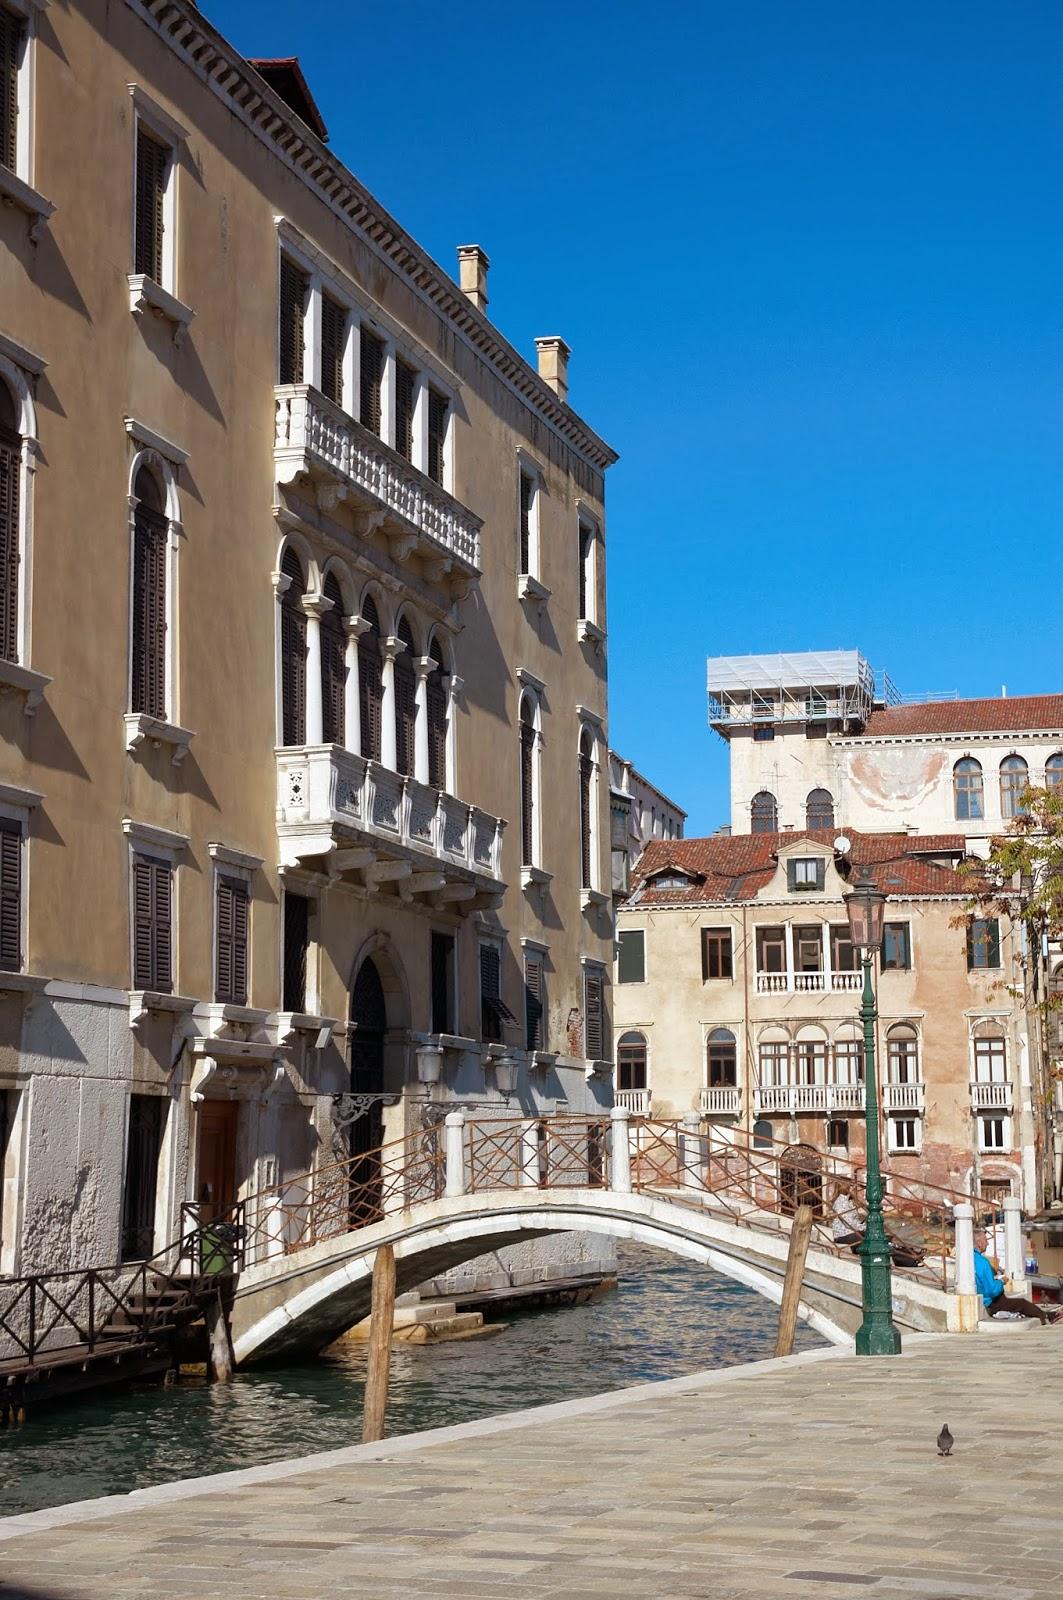 ciekawe miejsca w Wenecji które trzeba zobaczyć